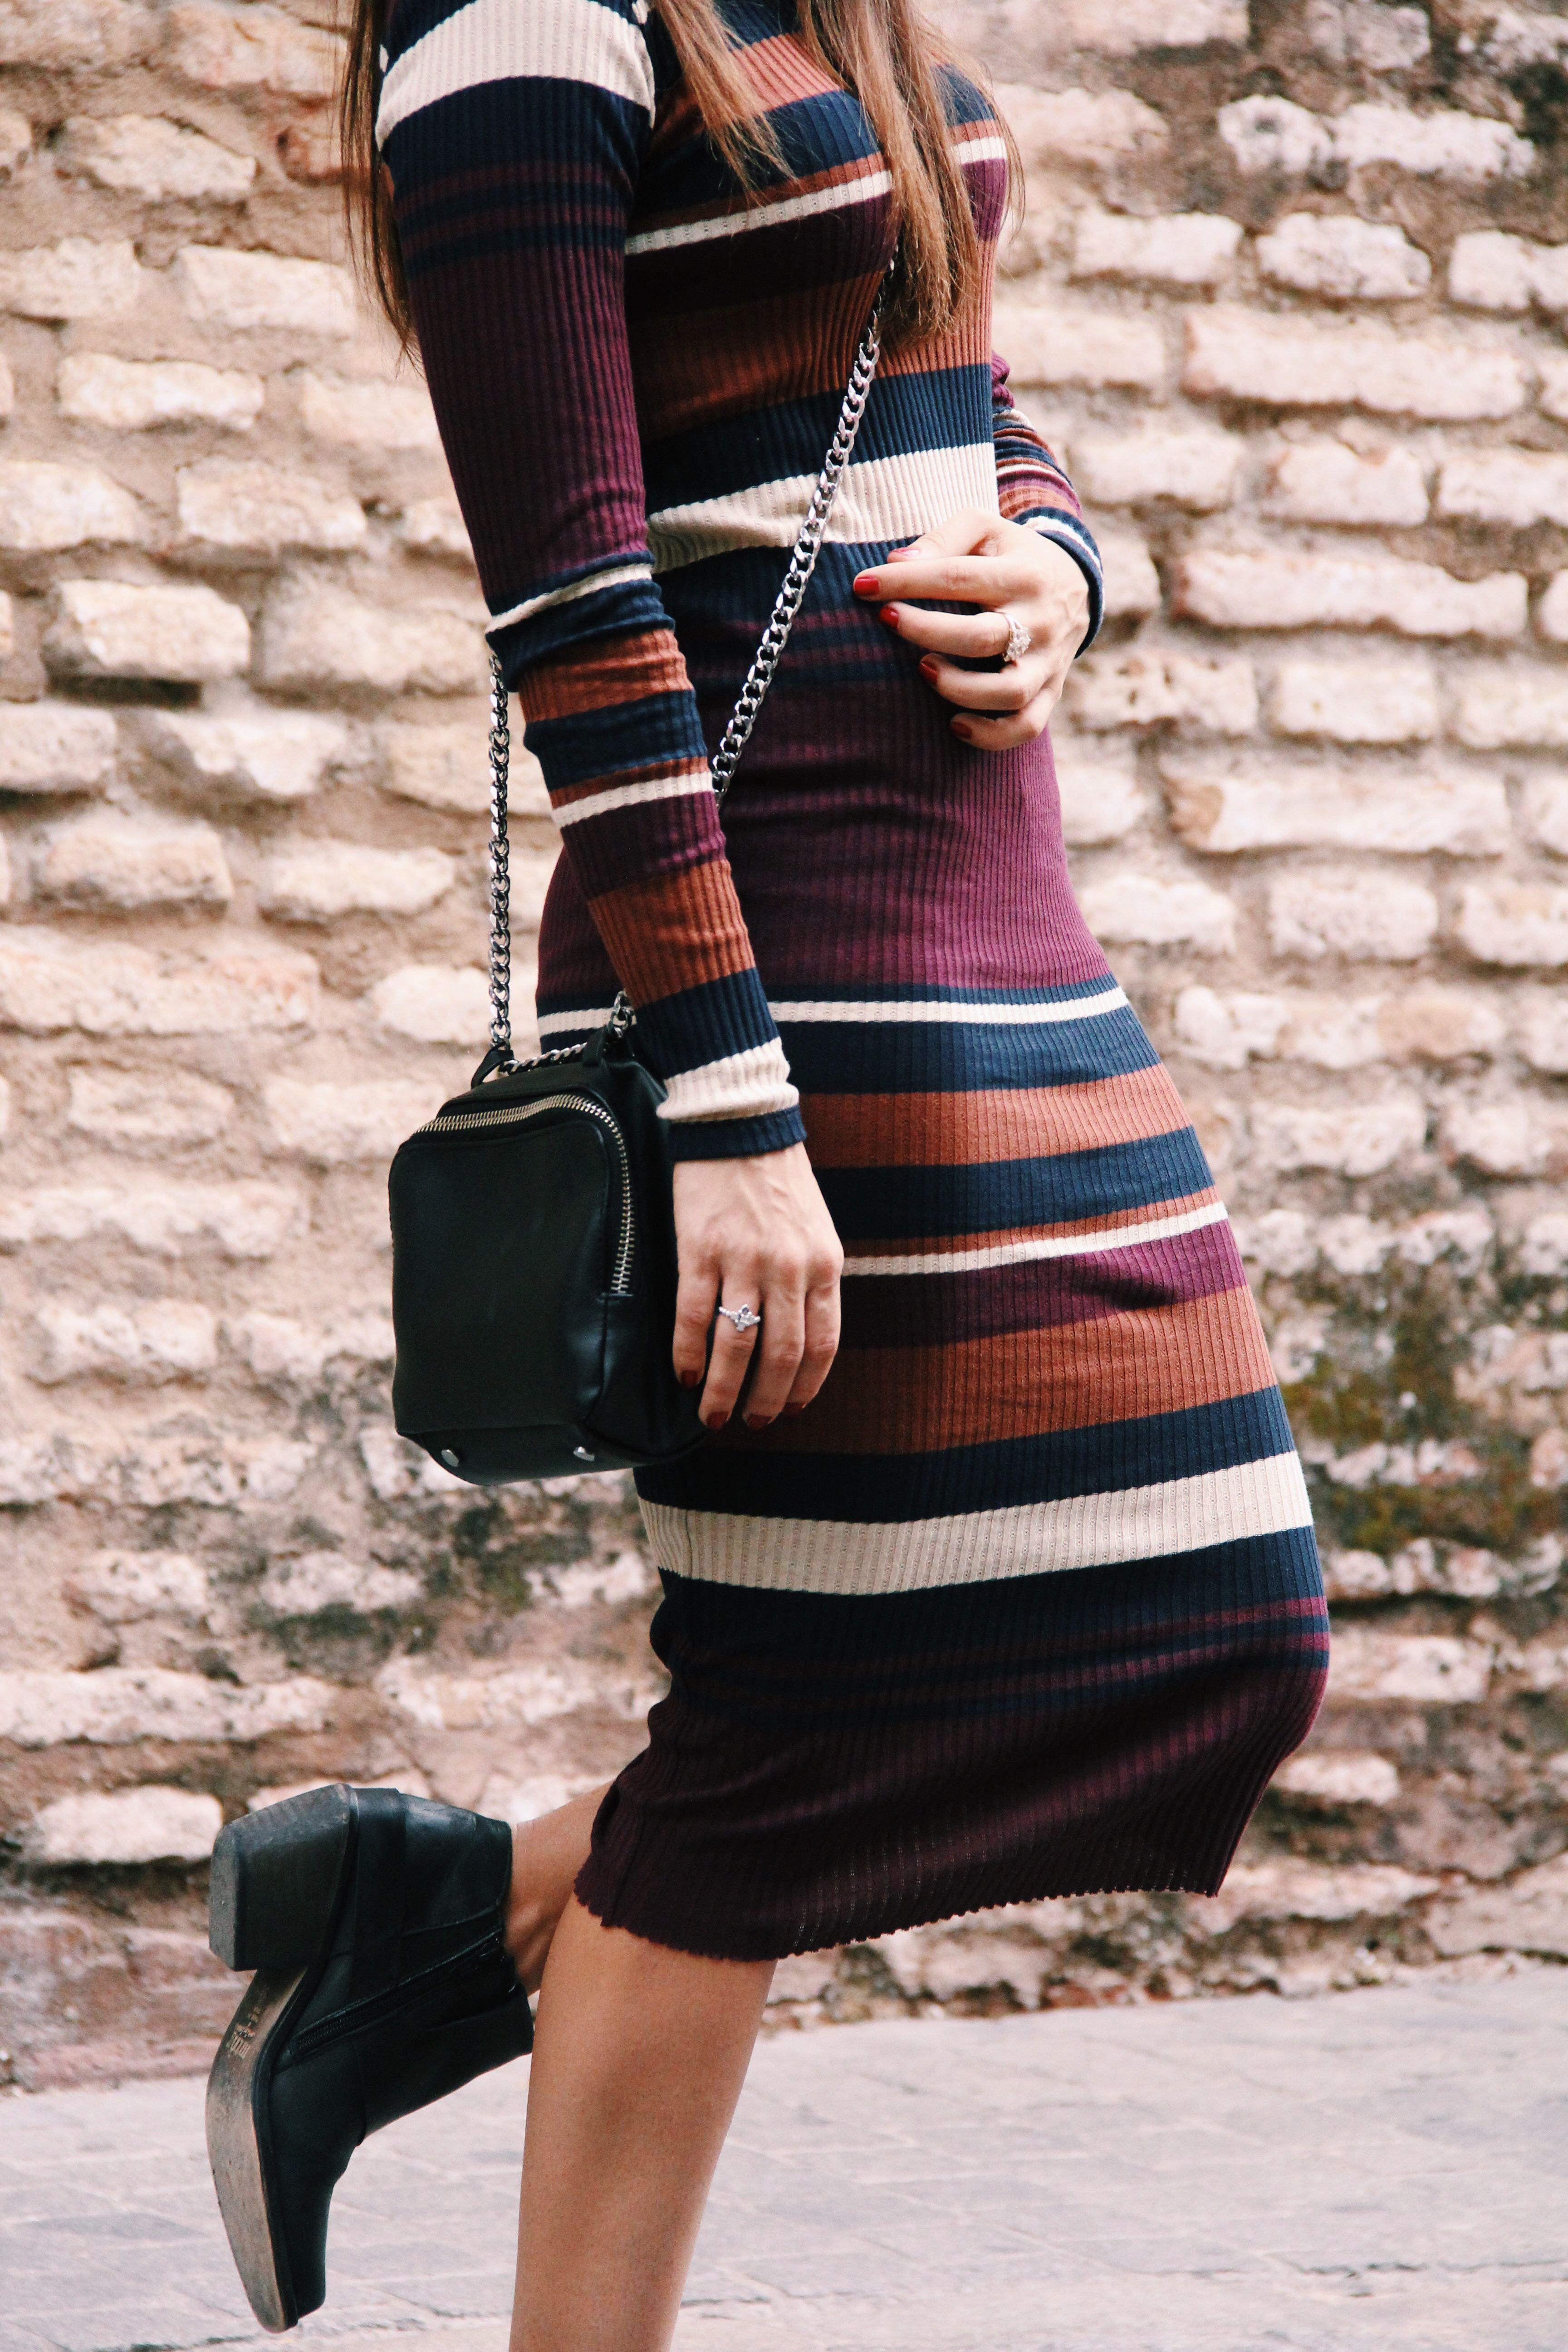 vestido_de_punto- vestido_de_rayas- knitwear- bichon_maltes-vestido_midi-Less_is_more-12